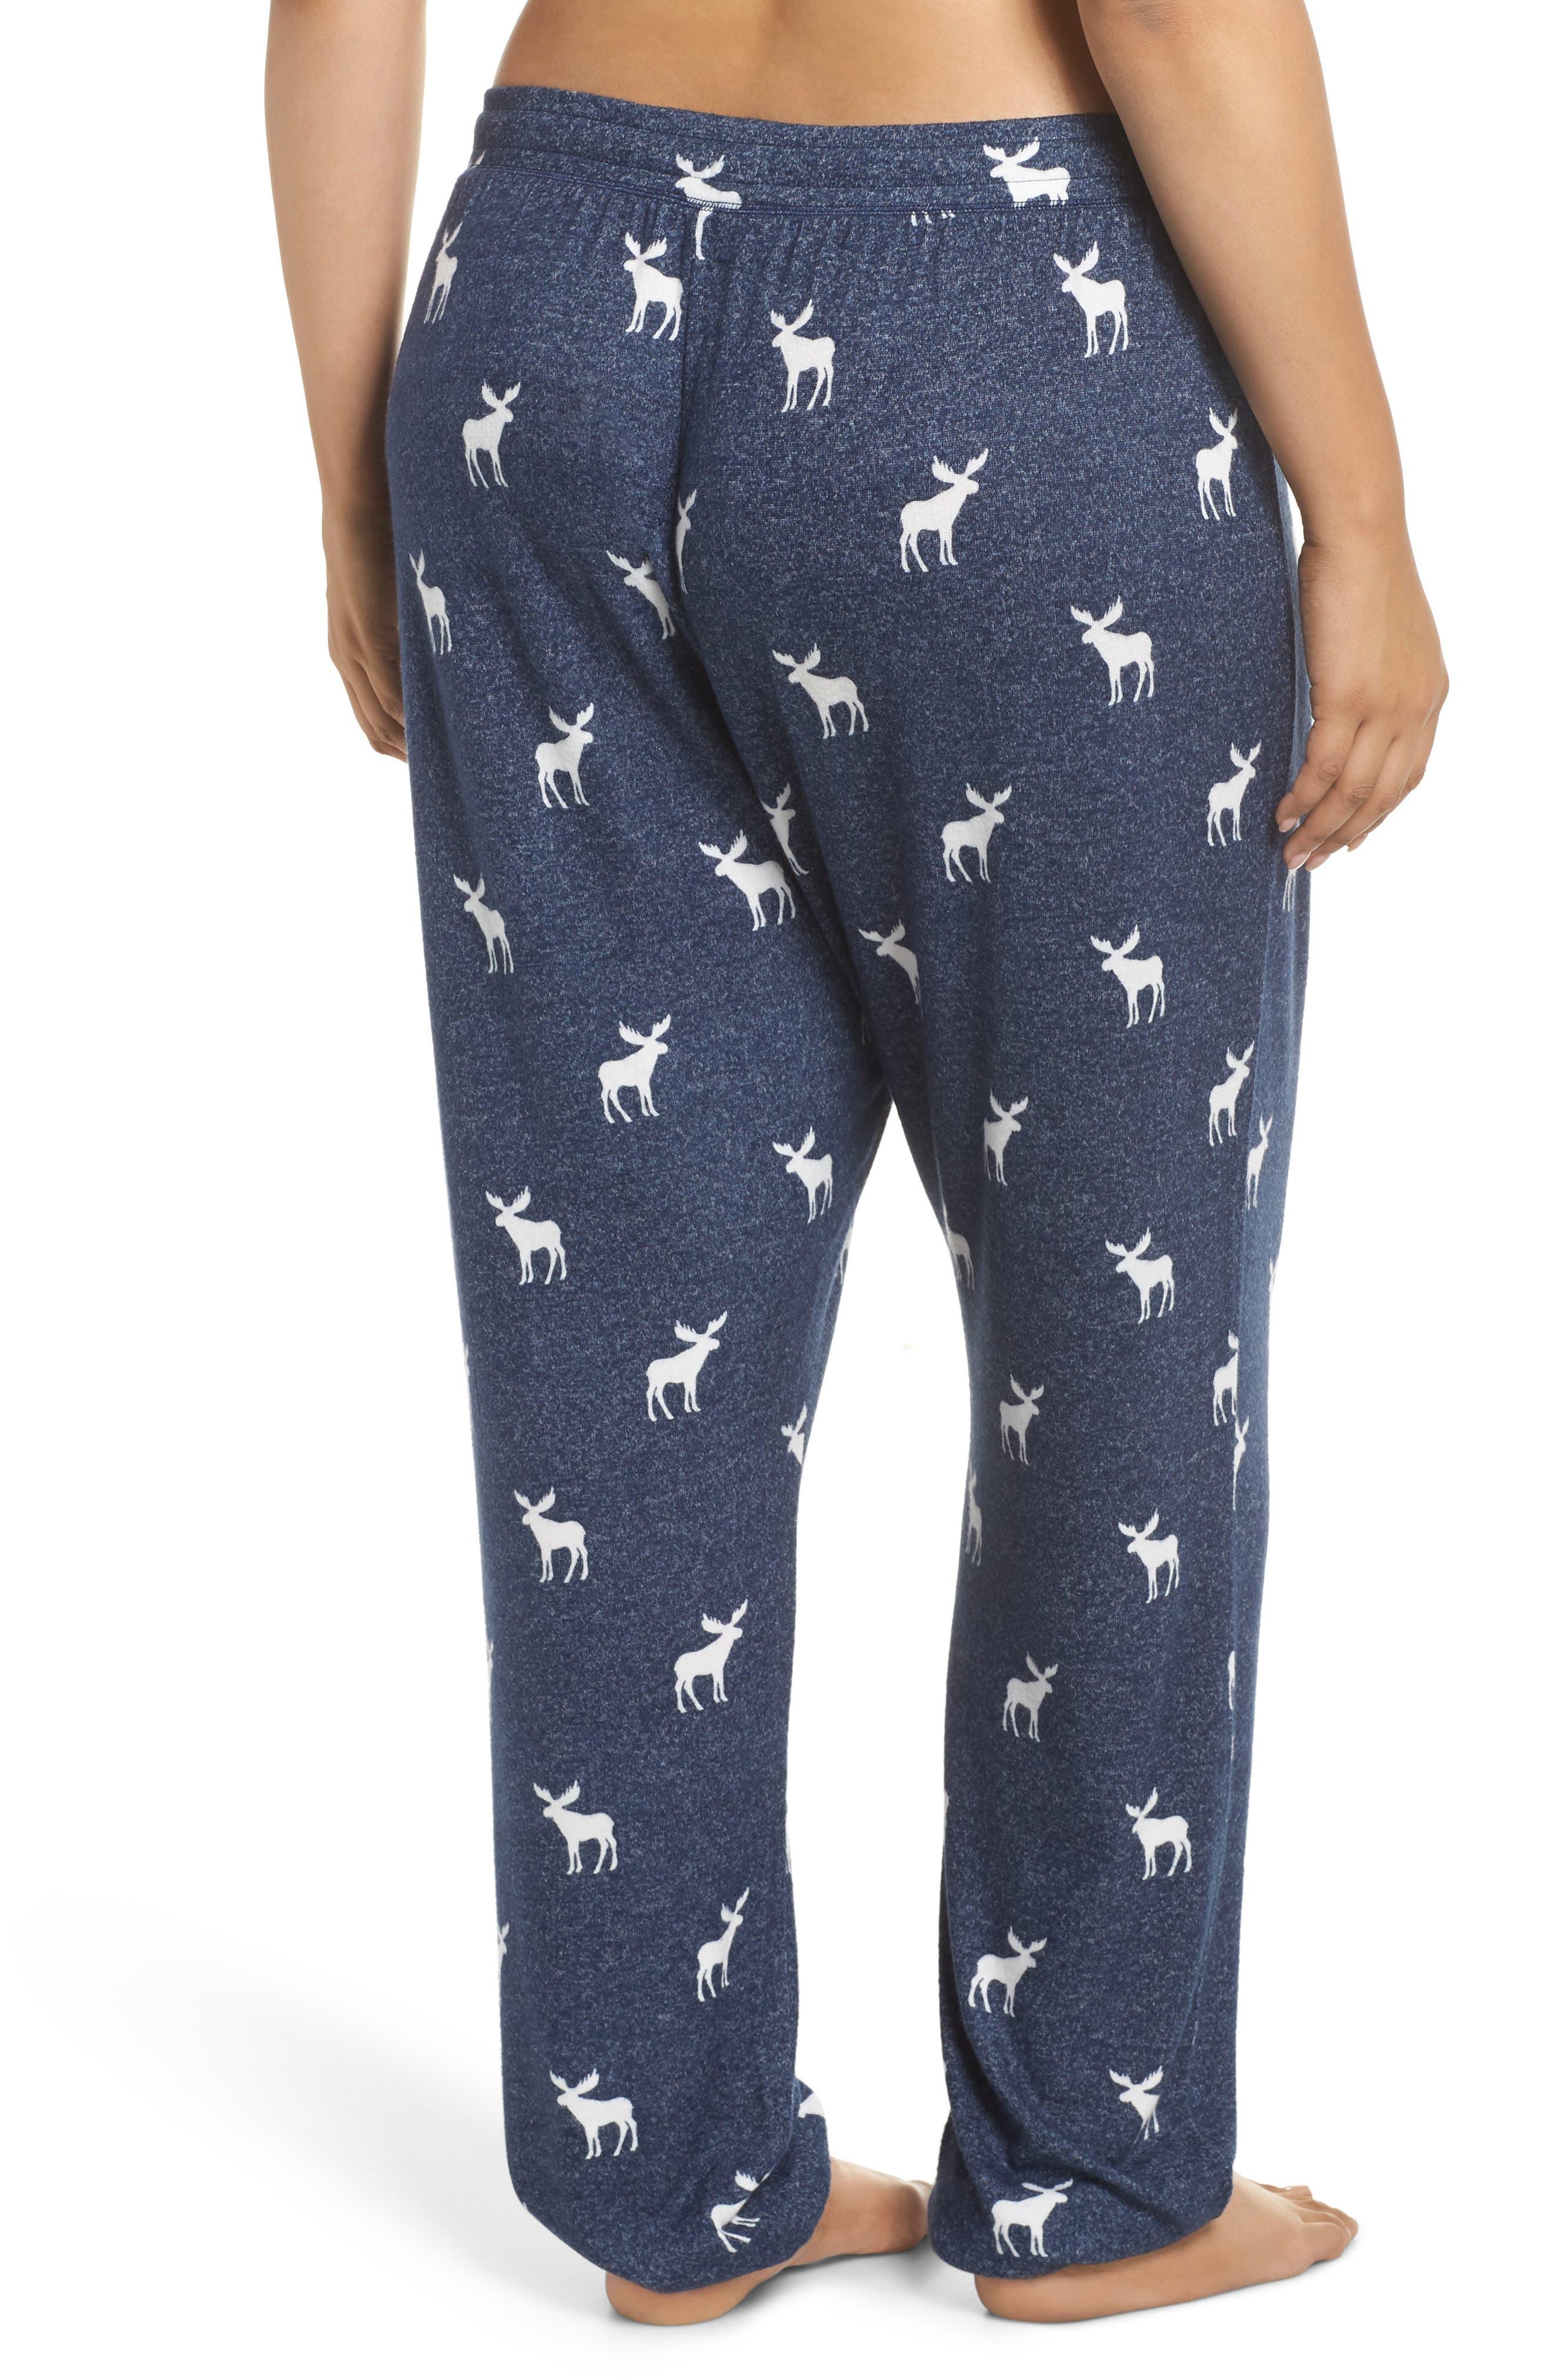 Moose Print Banded Pajama Pants,                             Alternate thumbnail 2, color,                             NAVY